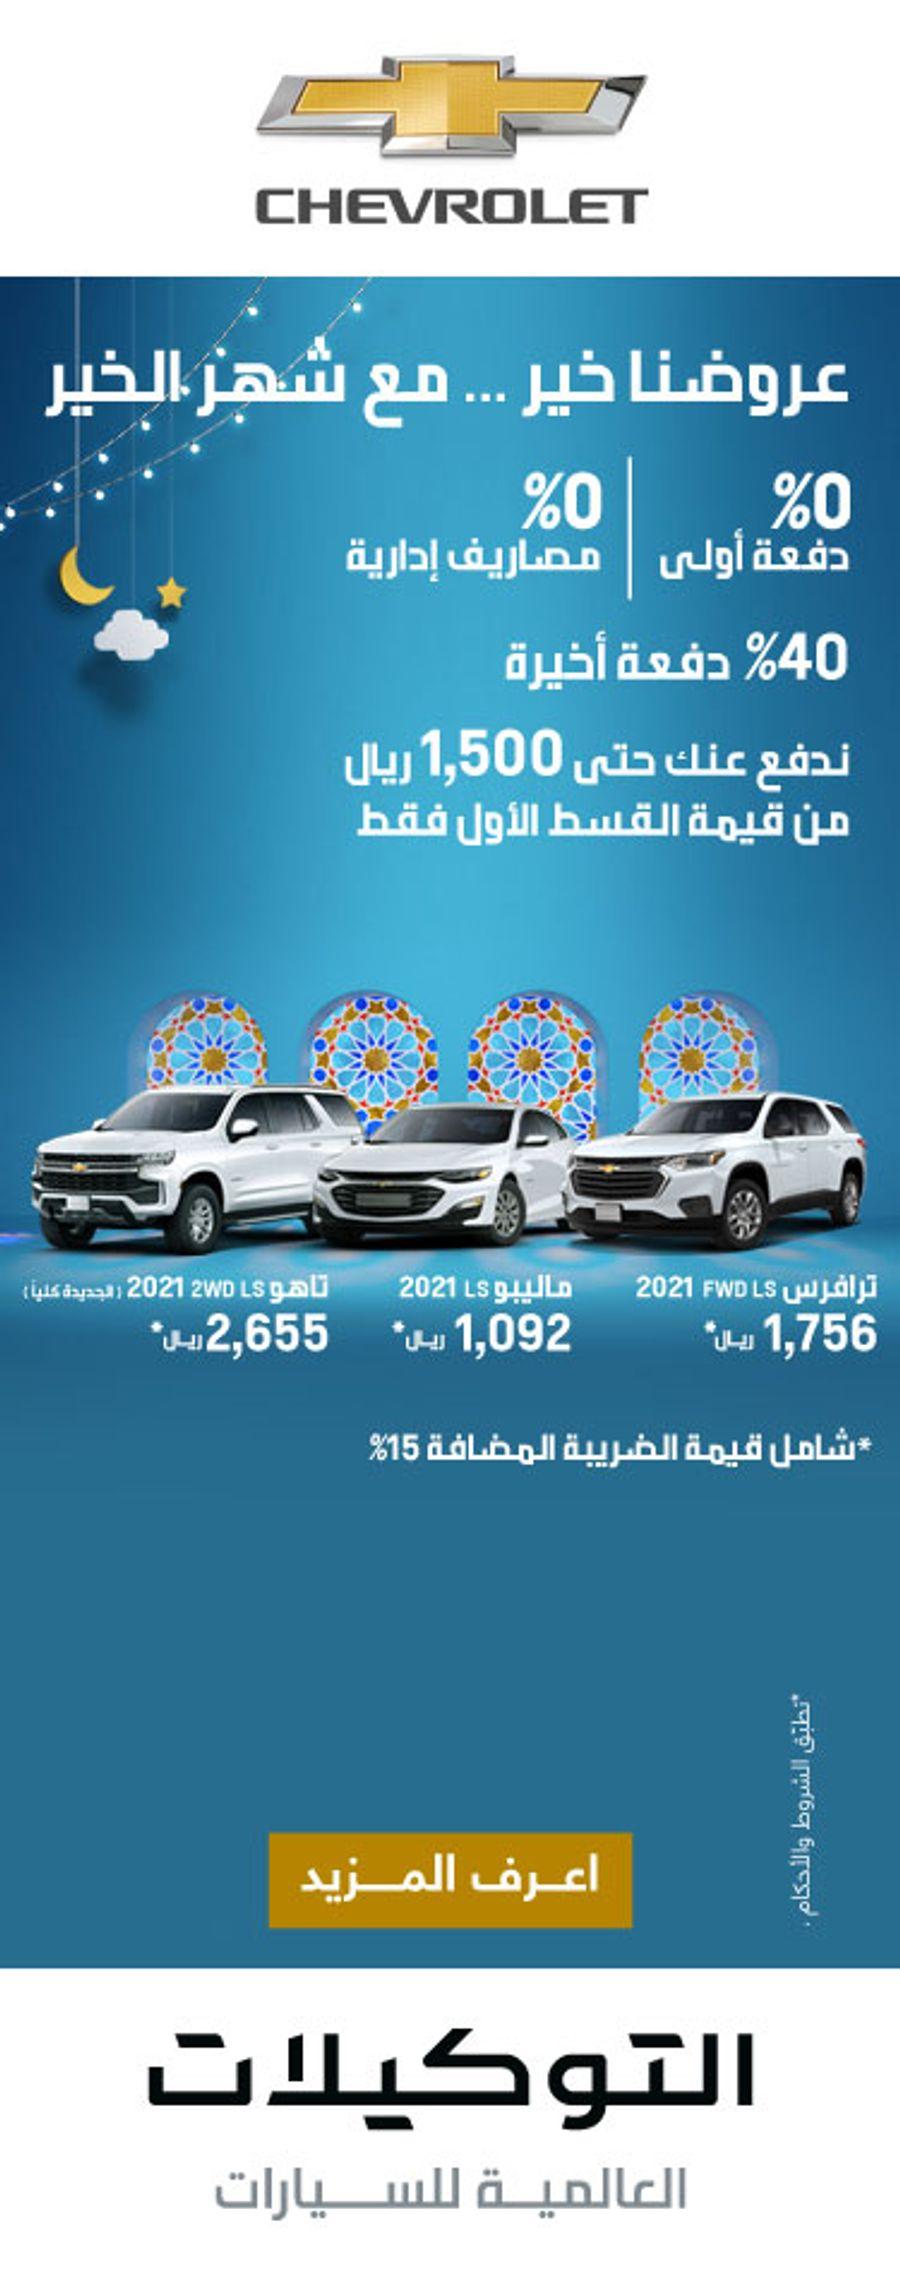 Chevrolet UMA Ad